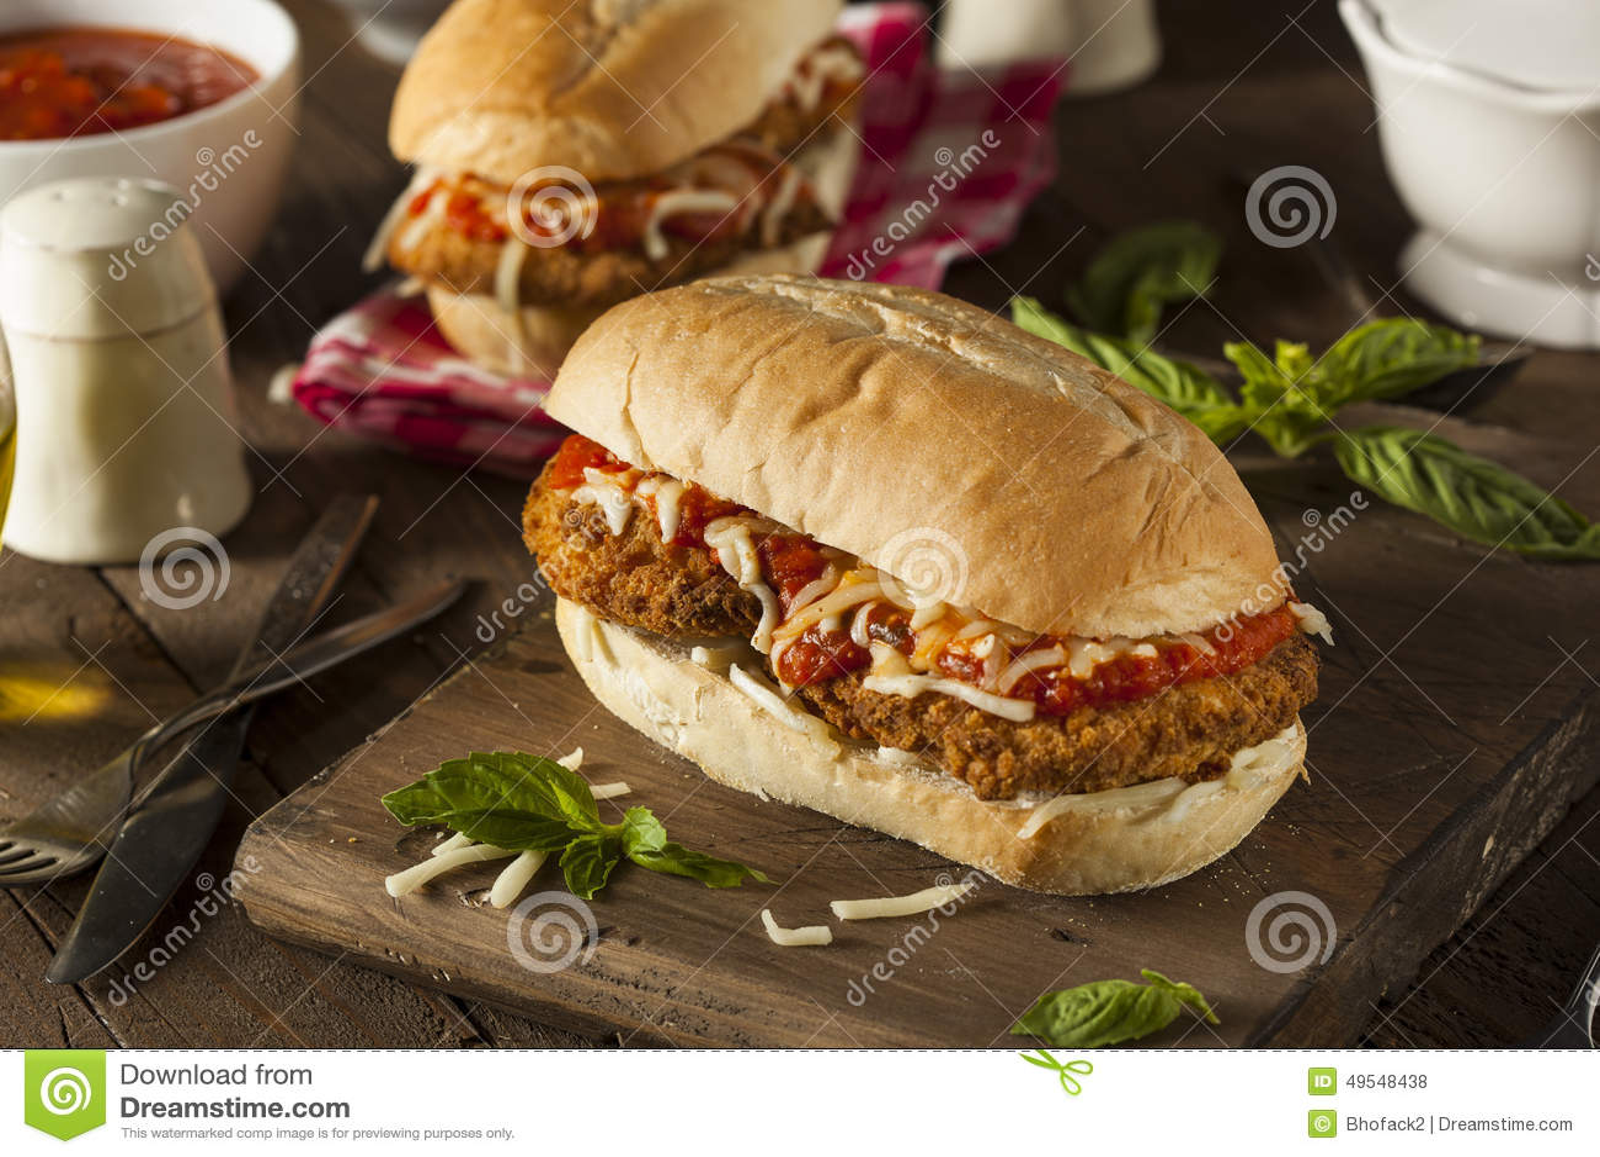 Parmesan Chicken Sandwich Fast Food